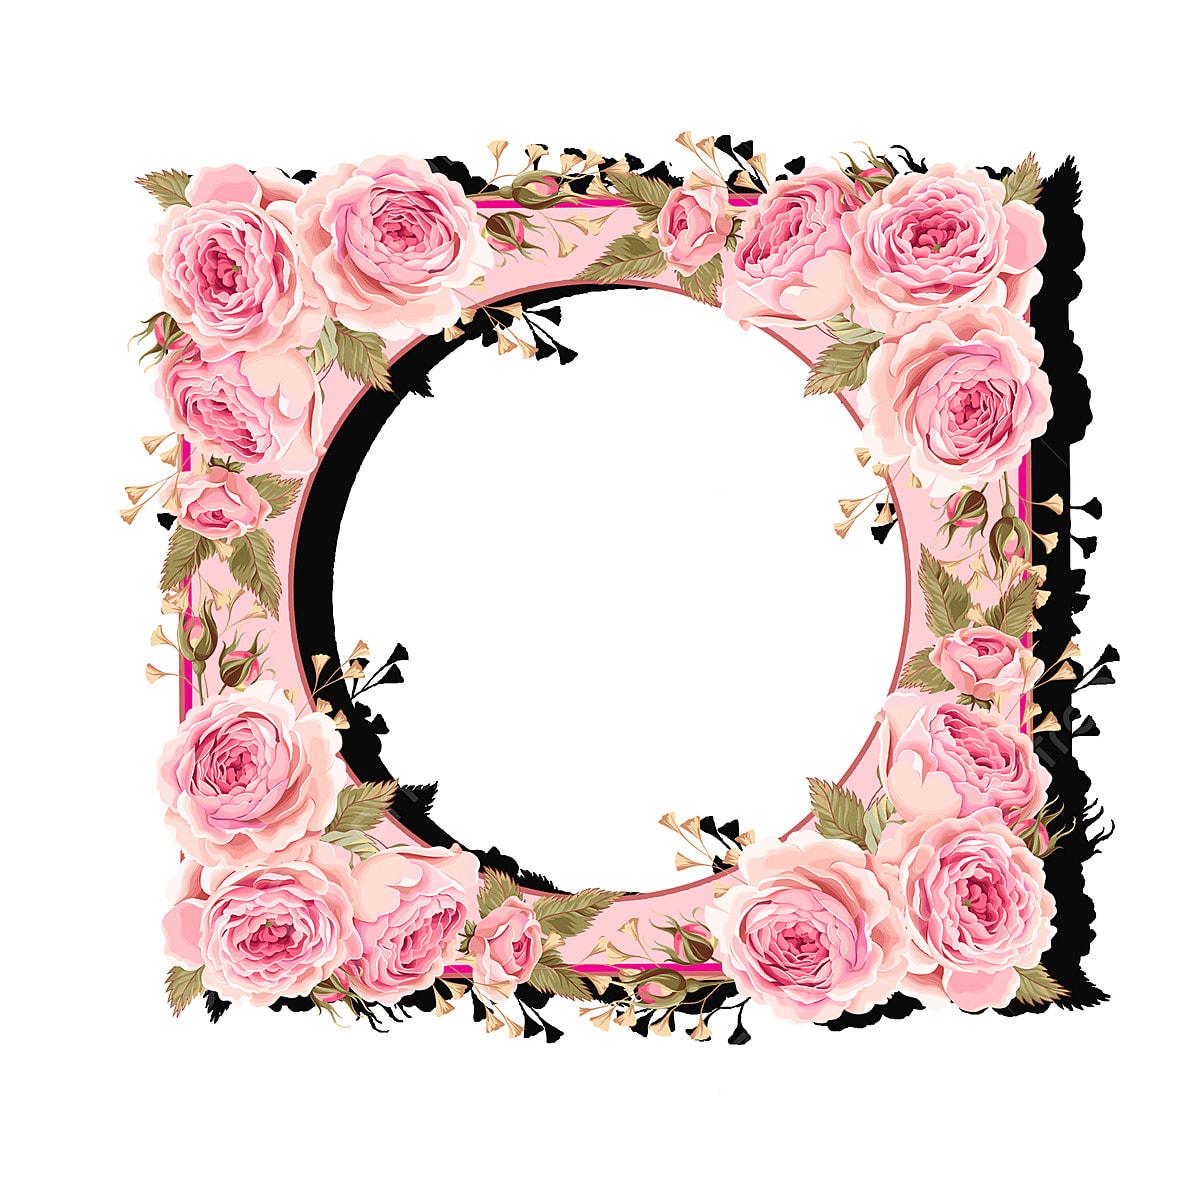 Gambar Bingkai Warna Bunga Merah Jambu